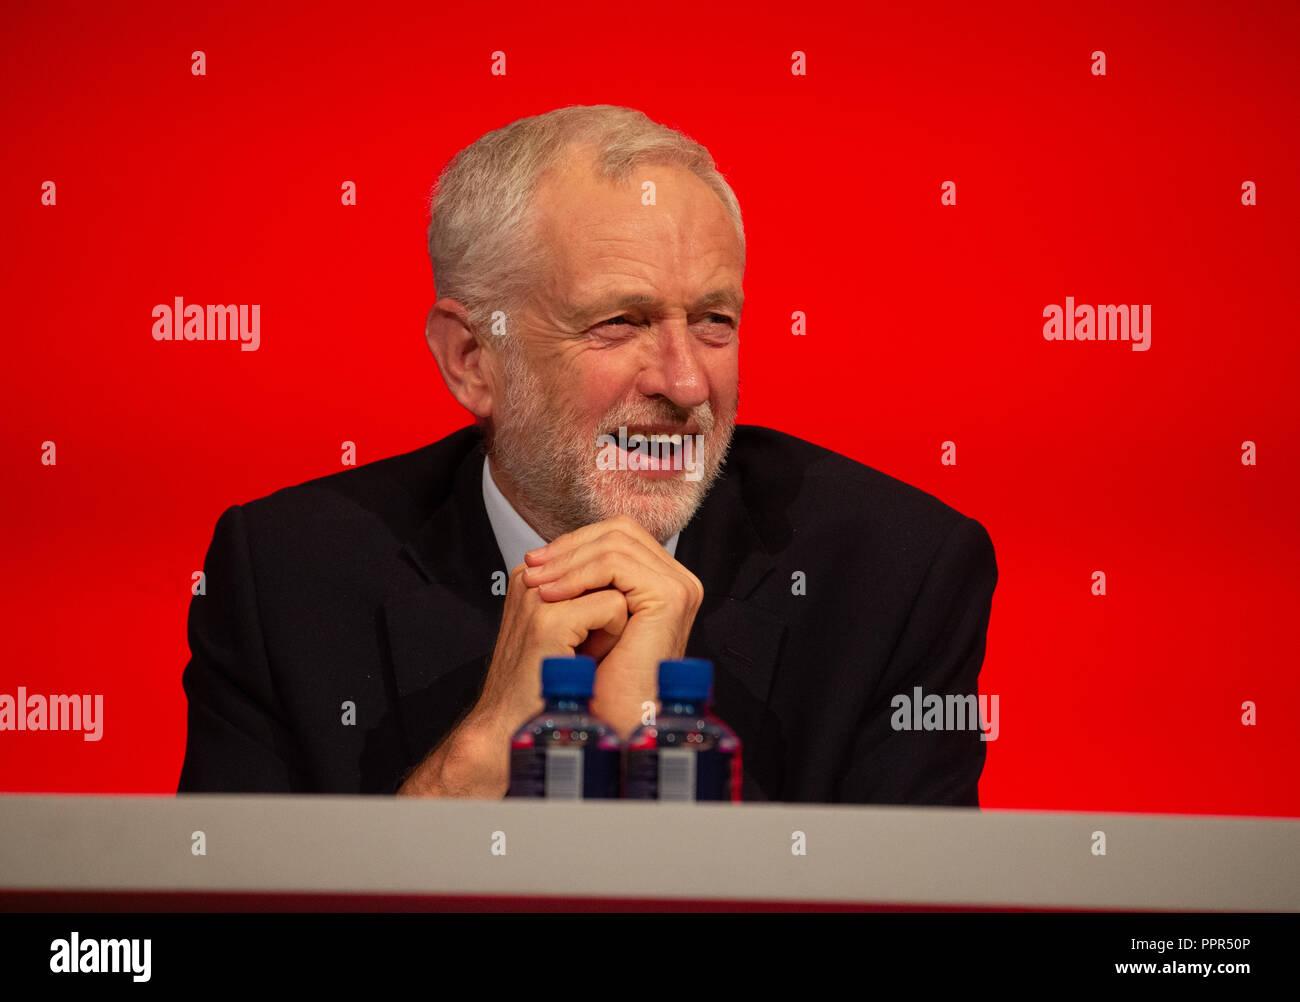 Leader syndical, Jeremy Corbyn, souriant et de bonne humeur lors de la conférence du parti travailliste à Liverpool. Photo Stock